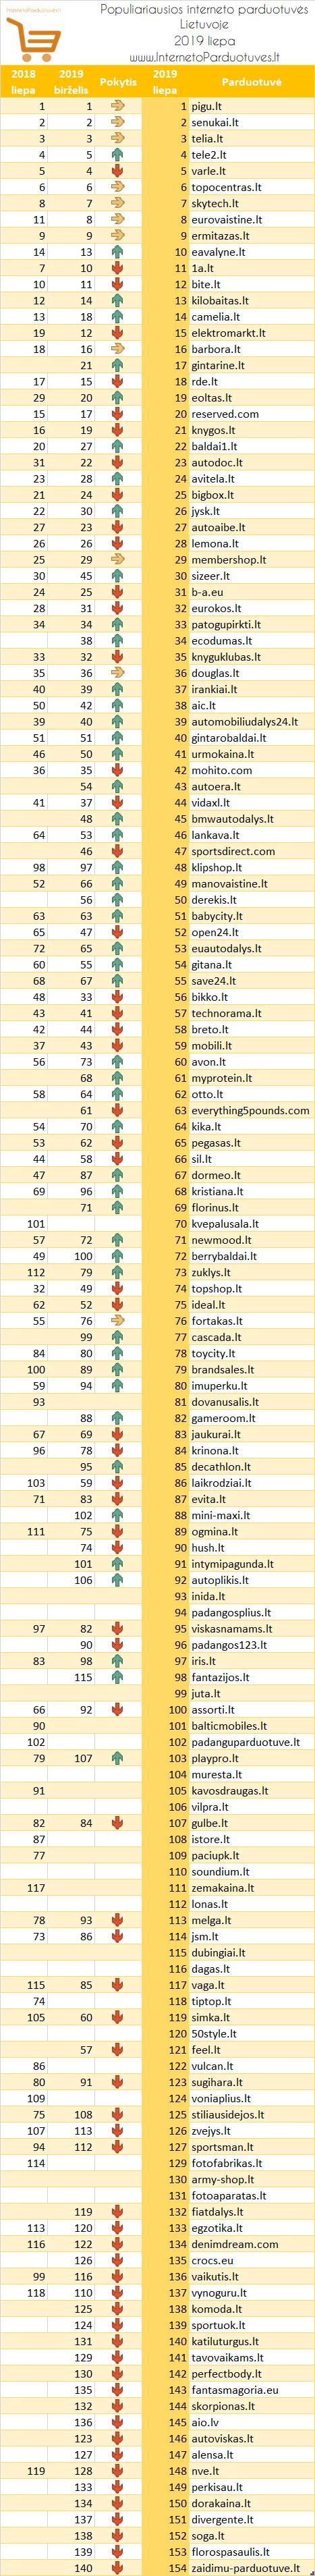 Populiariausių elektroninių parduotuvių Lietuvoje 2019 m. liepos mėnesio reitingas